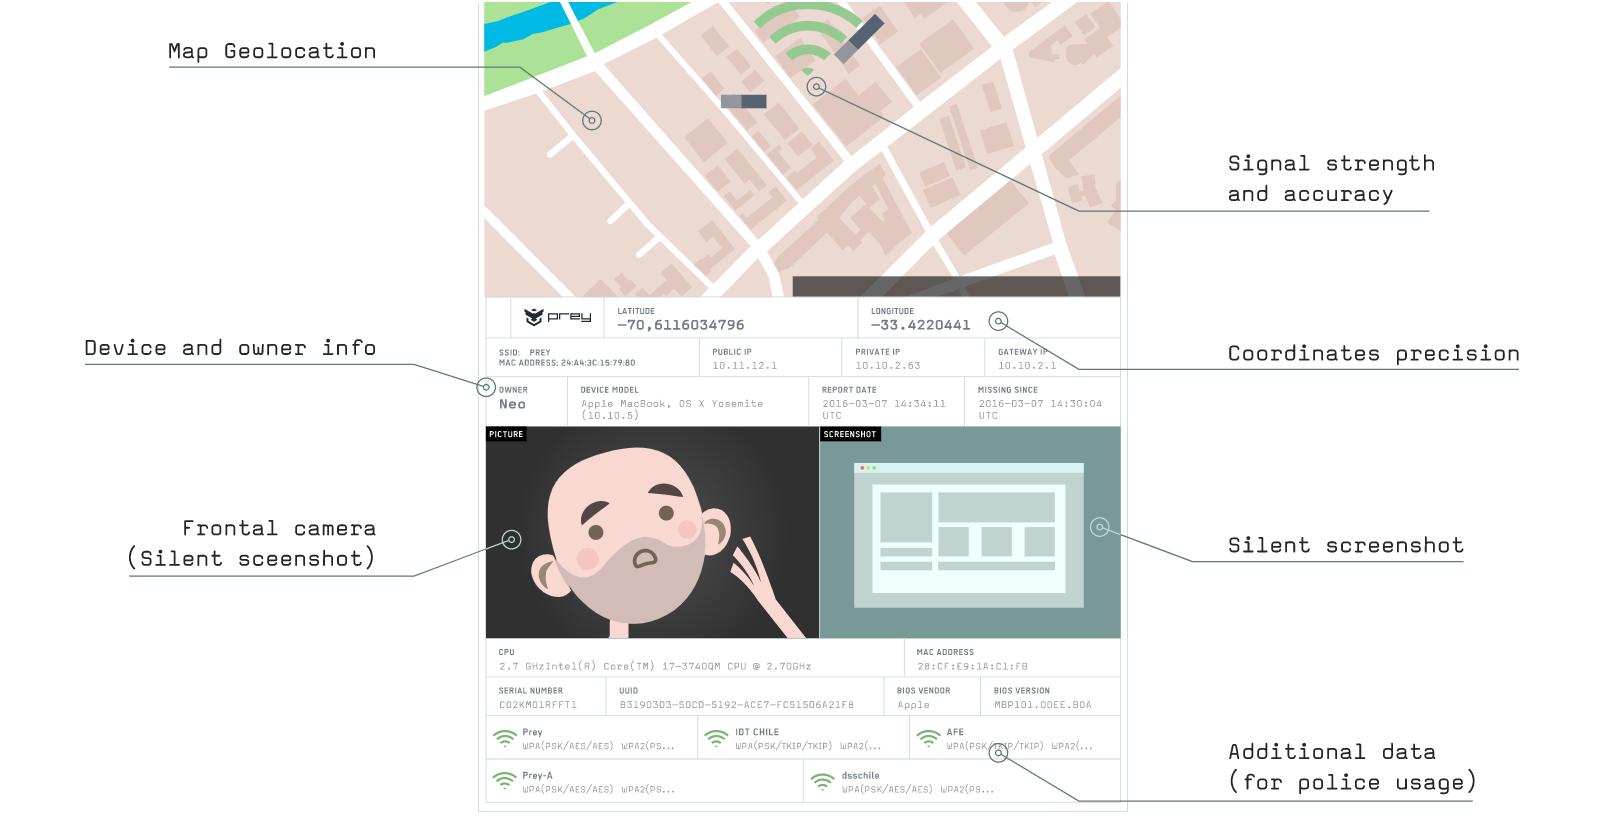 stolen device report